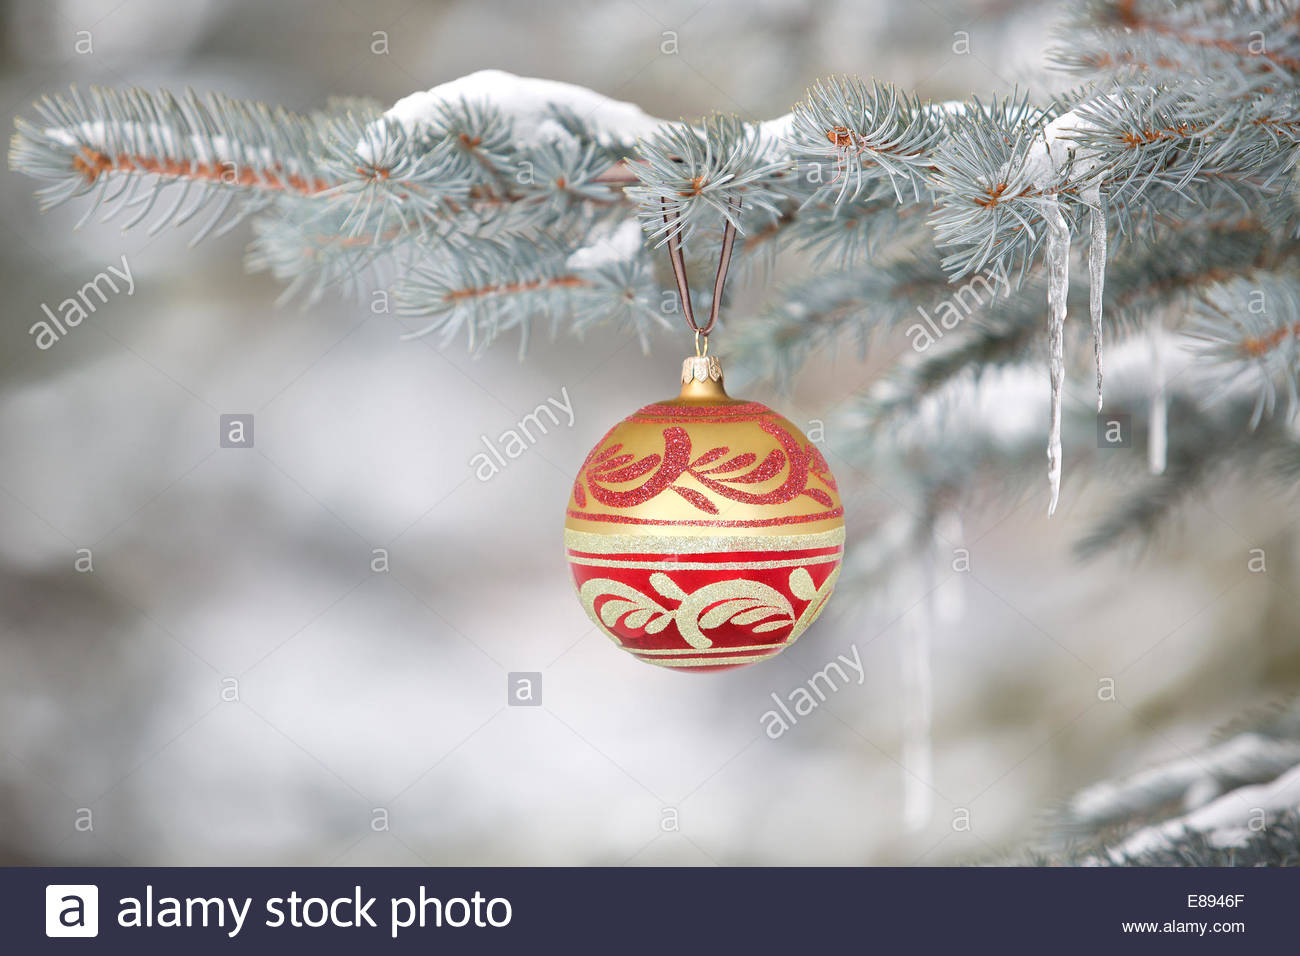 Decorazione per albero di Natale appeso su albero con ghiaccioli Immagini Stock